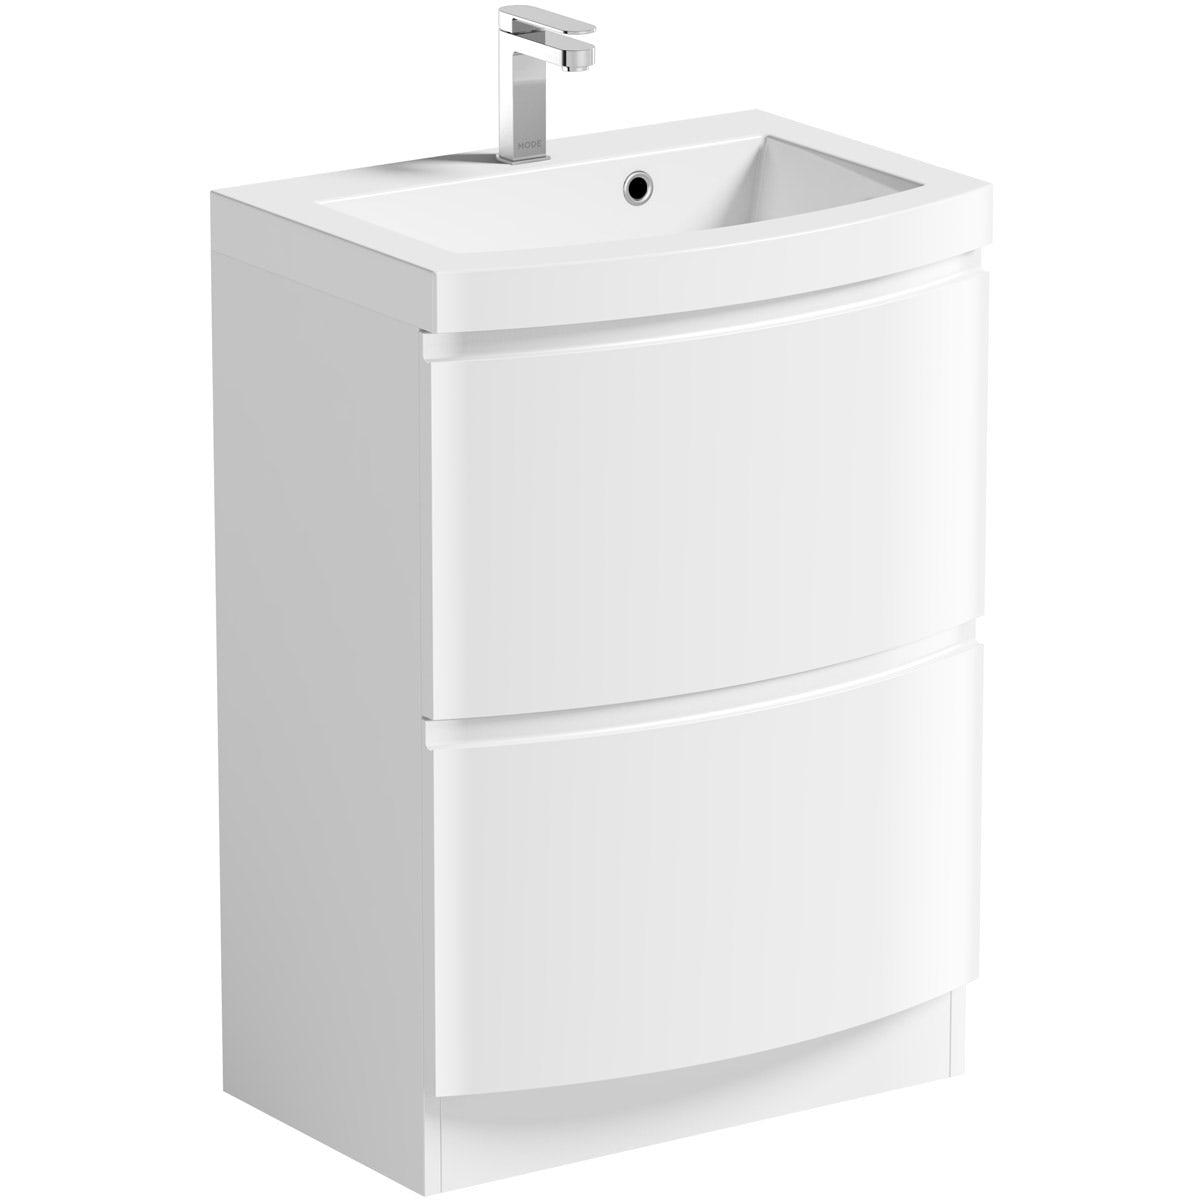 Mode Harrison white floorstanding vanity drawer unit and basin 600mm